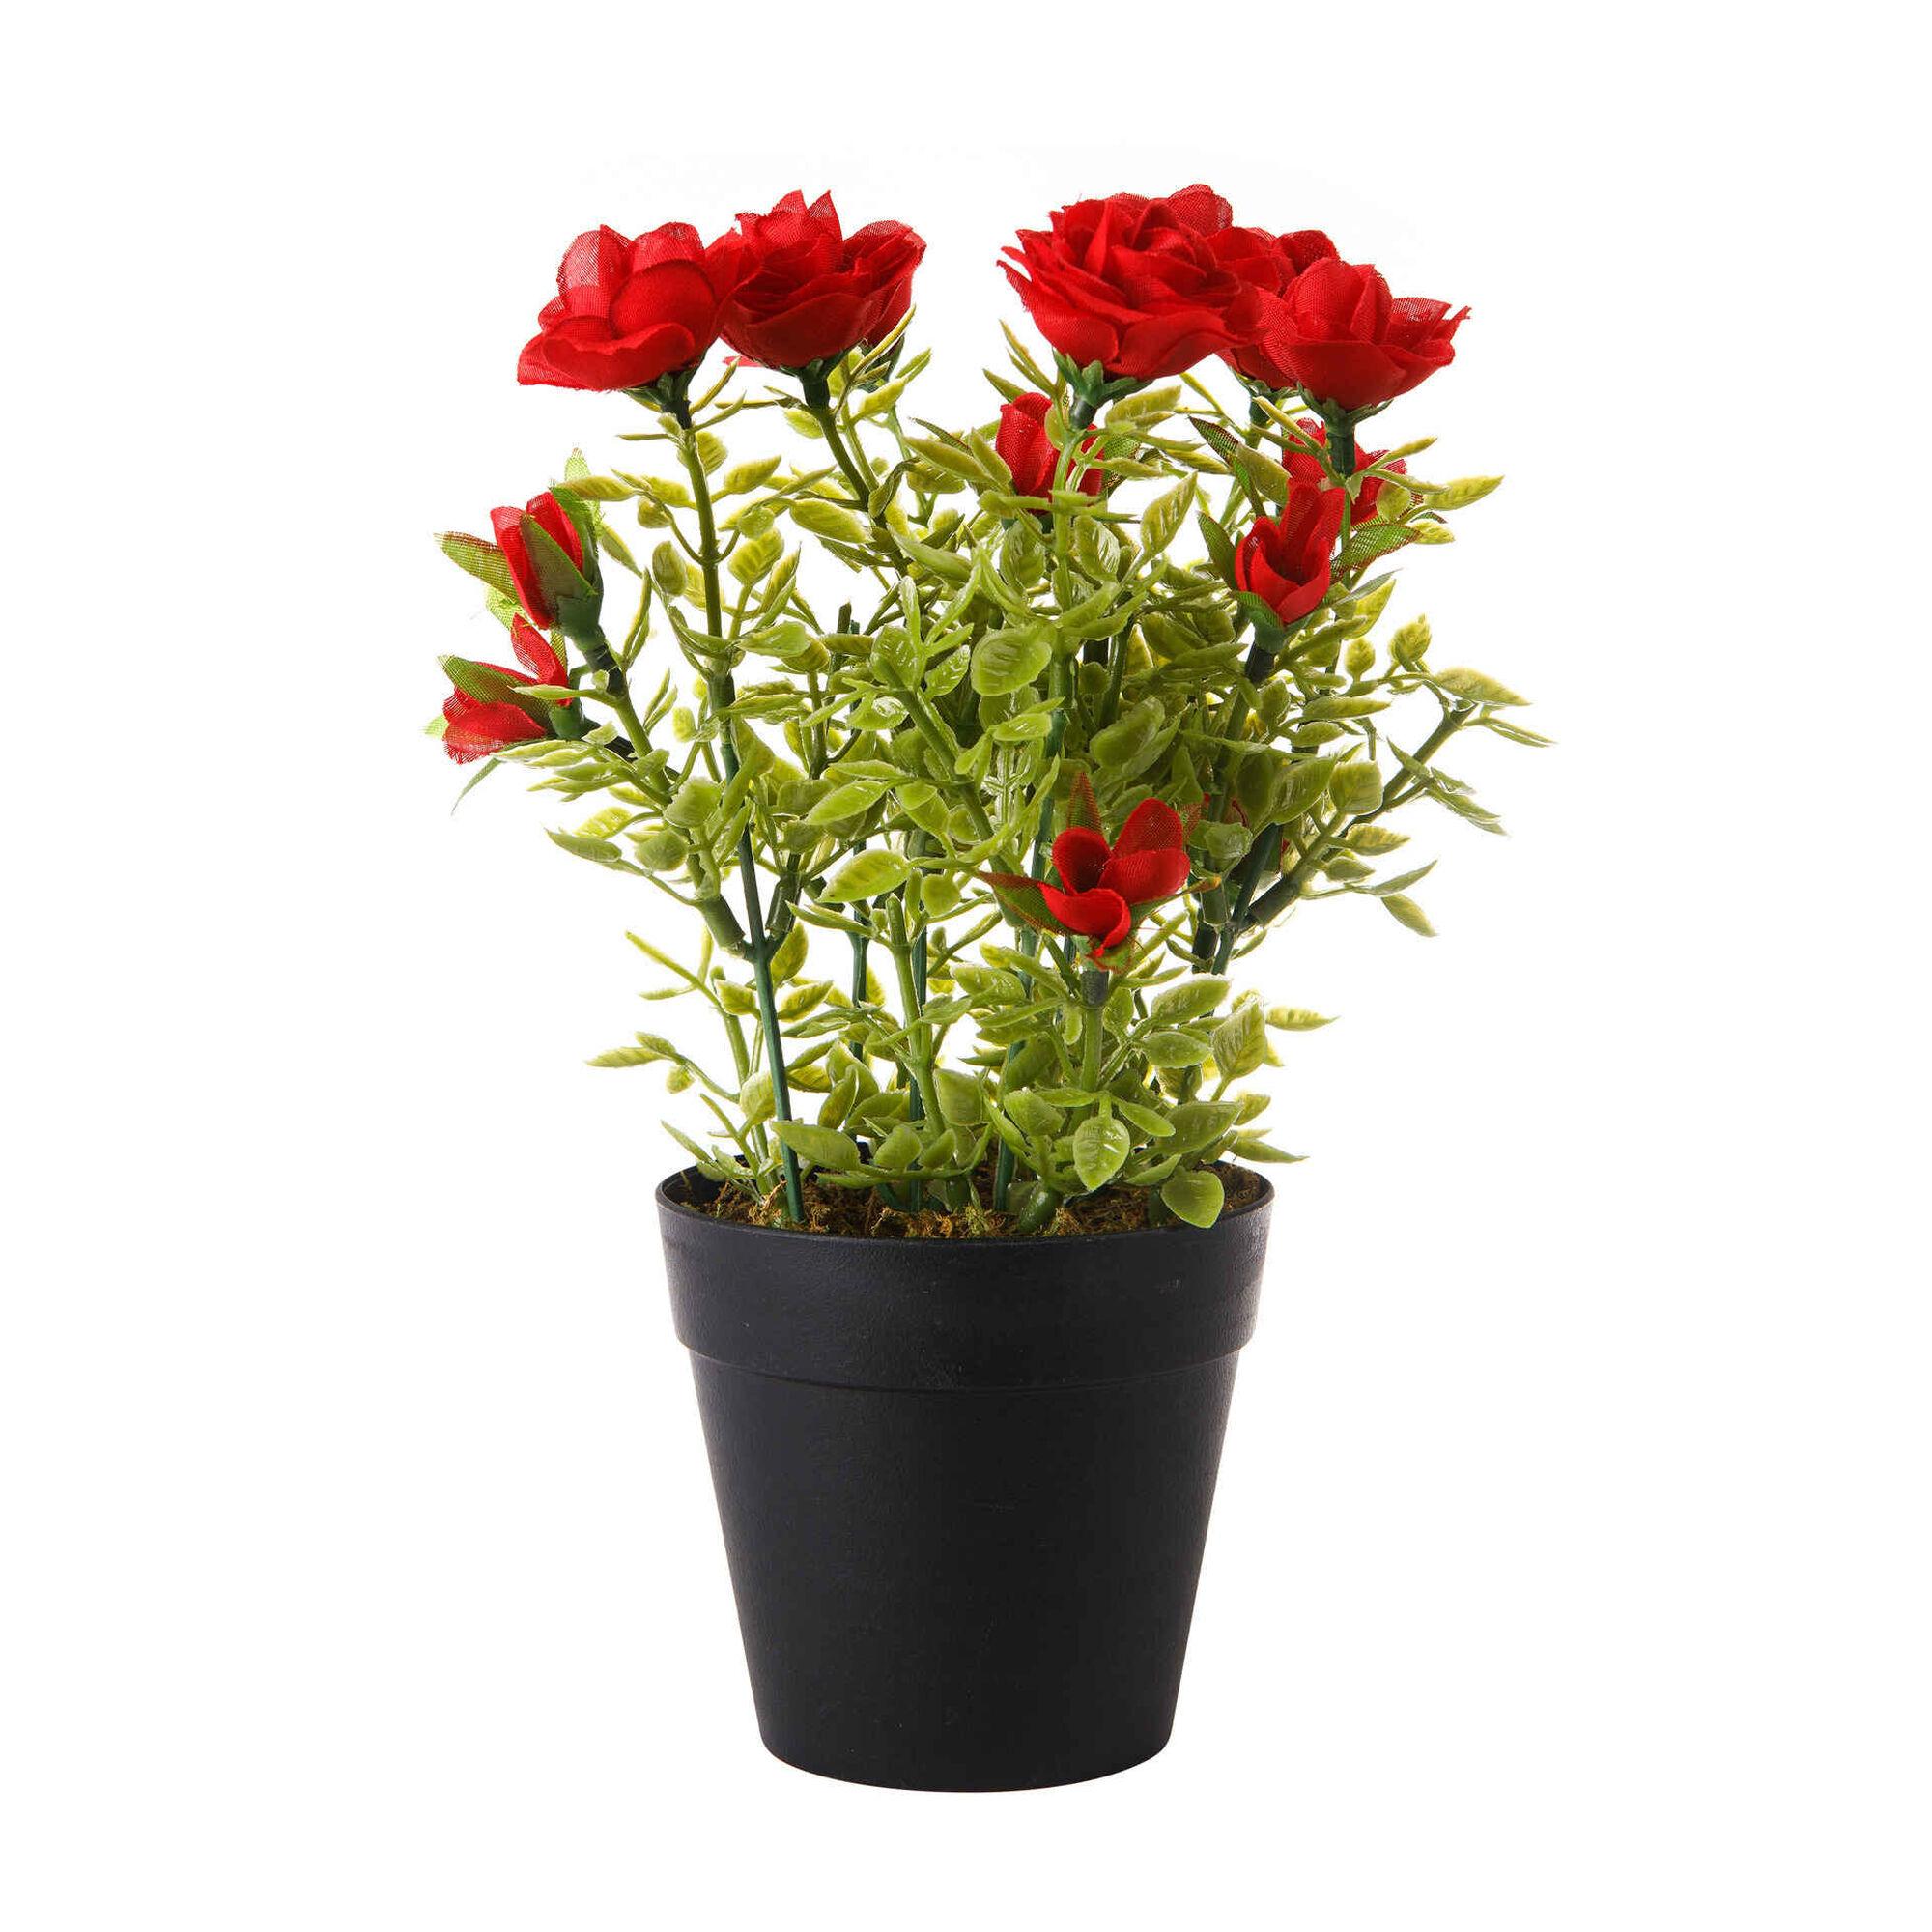 Planta Artificial Flores Vermelhas com Vaso Preto